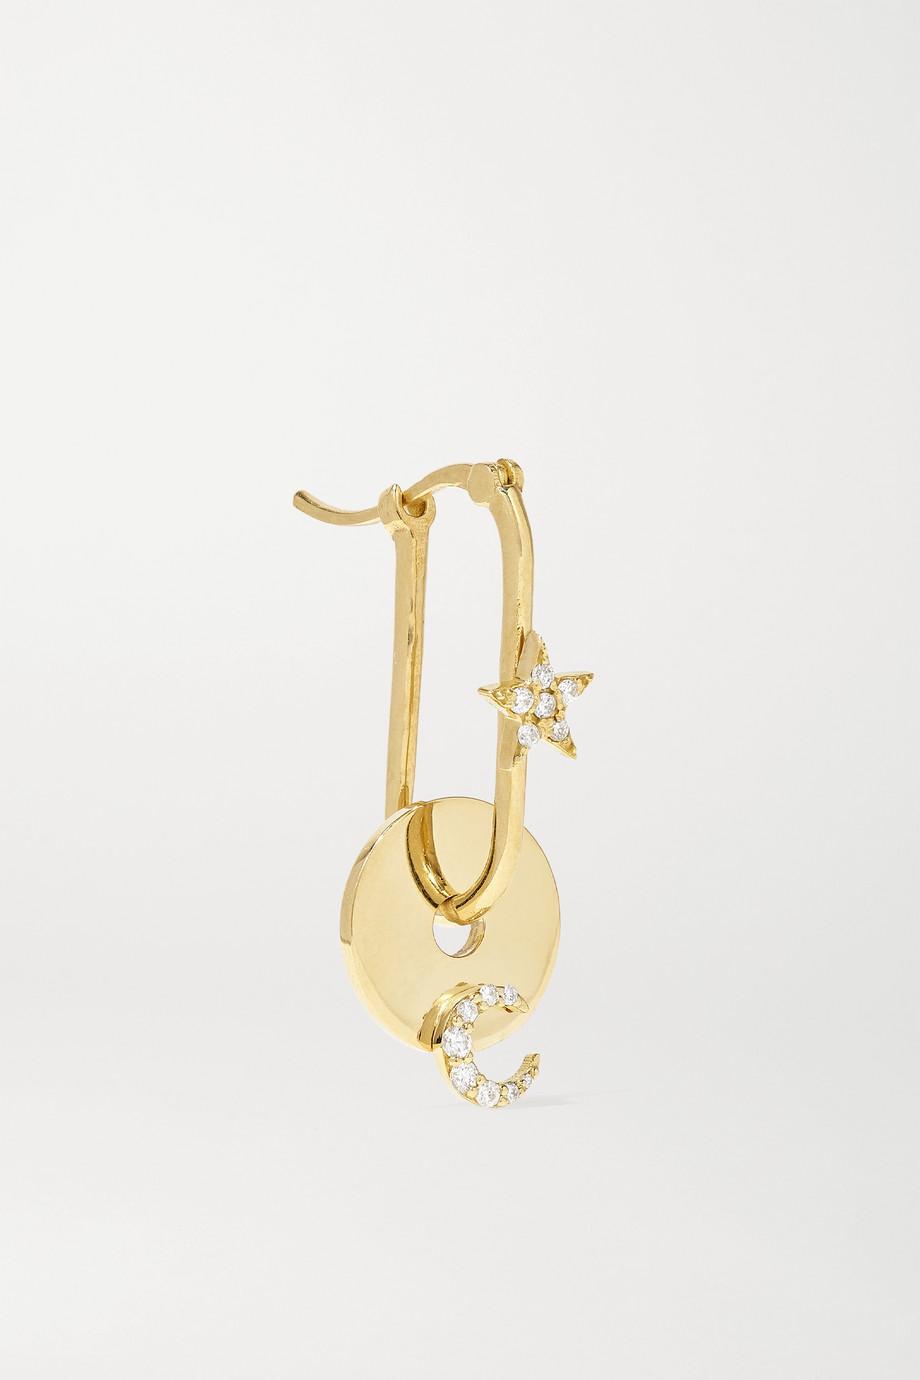 Foundrae Ohrring aus 18Karat Gold mit Diamanten